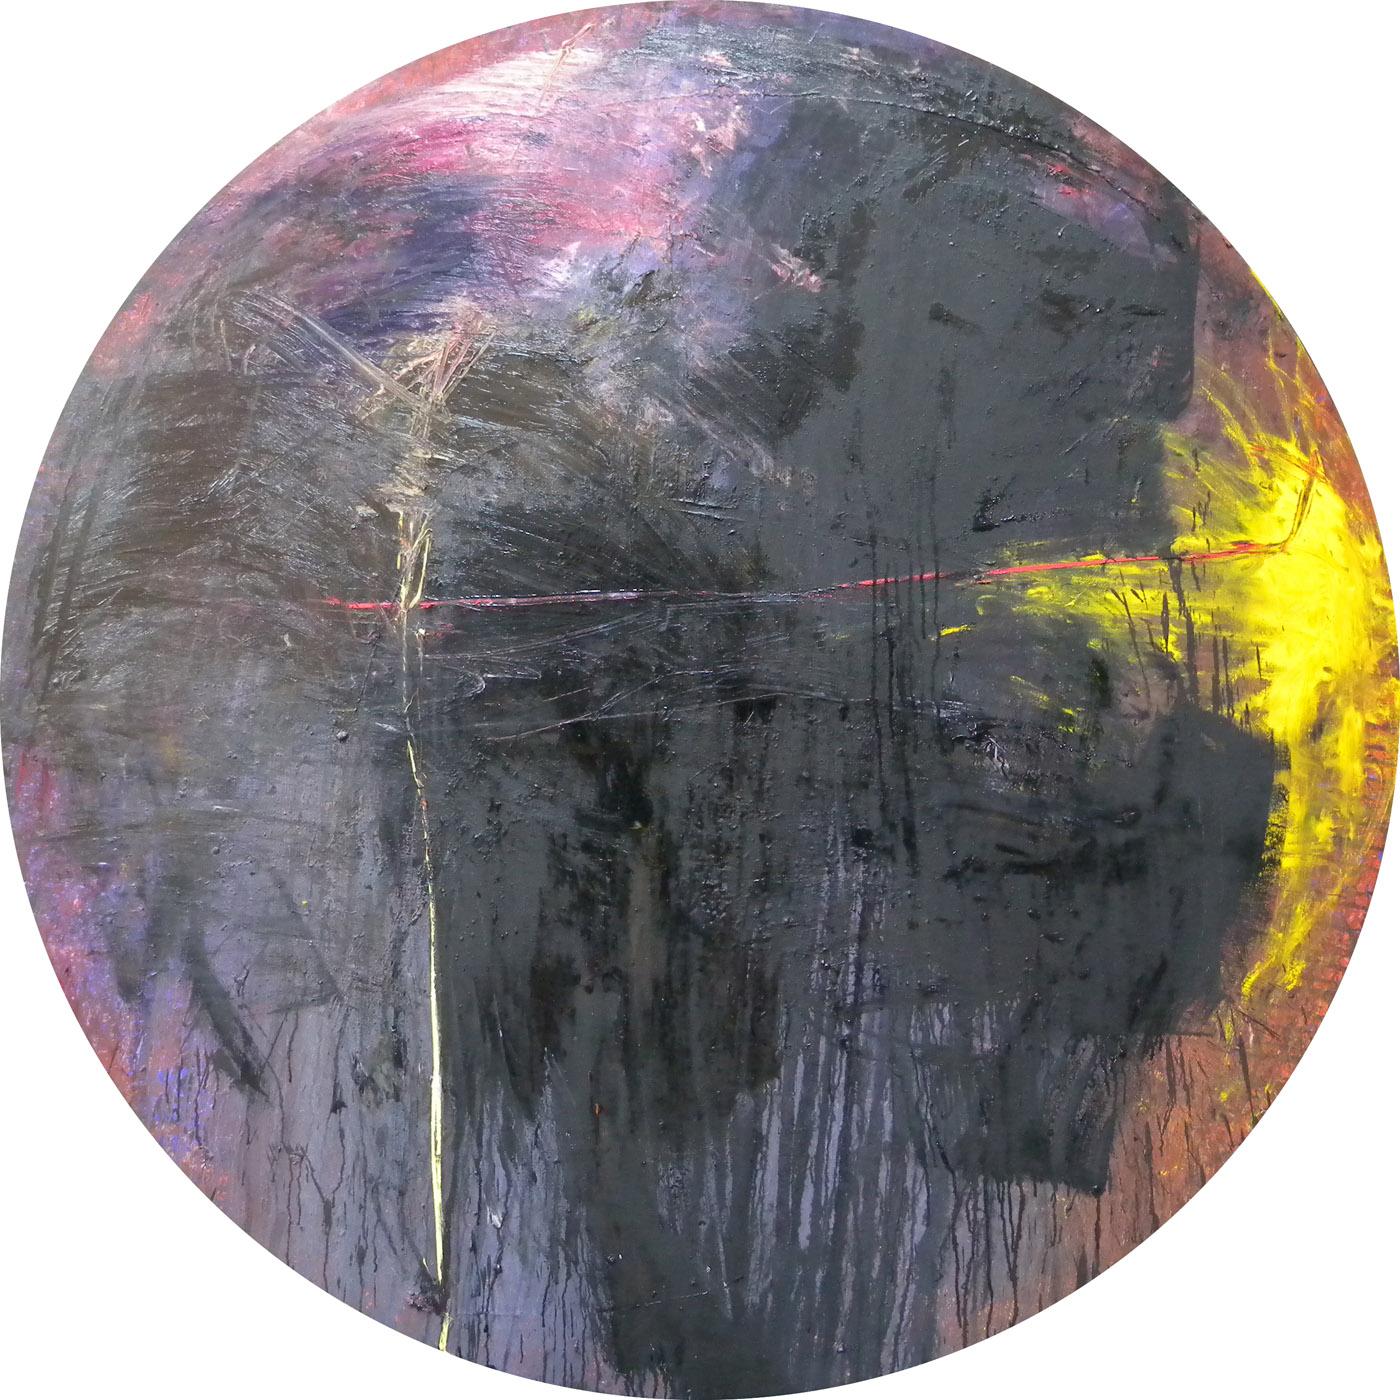 MARC FELD 2010 PARADE FOR CHAÏM 4 Huile sur toile diamètre 190 cm